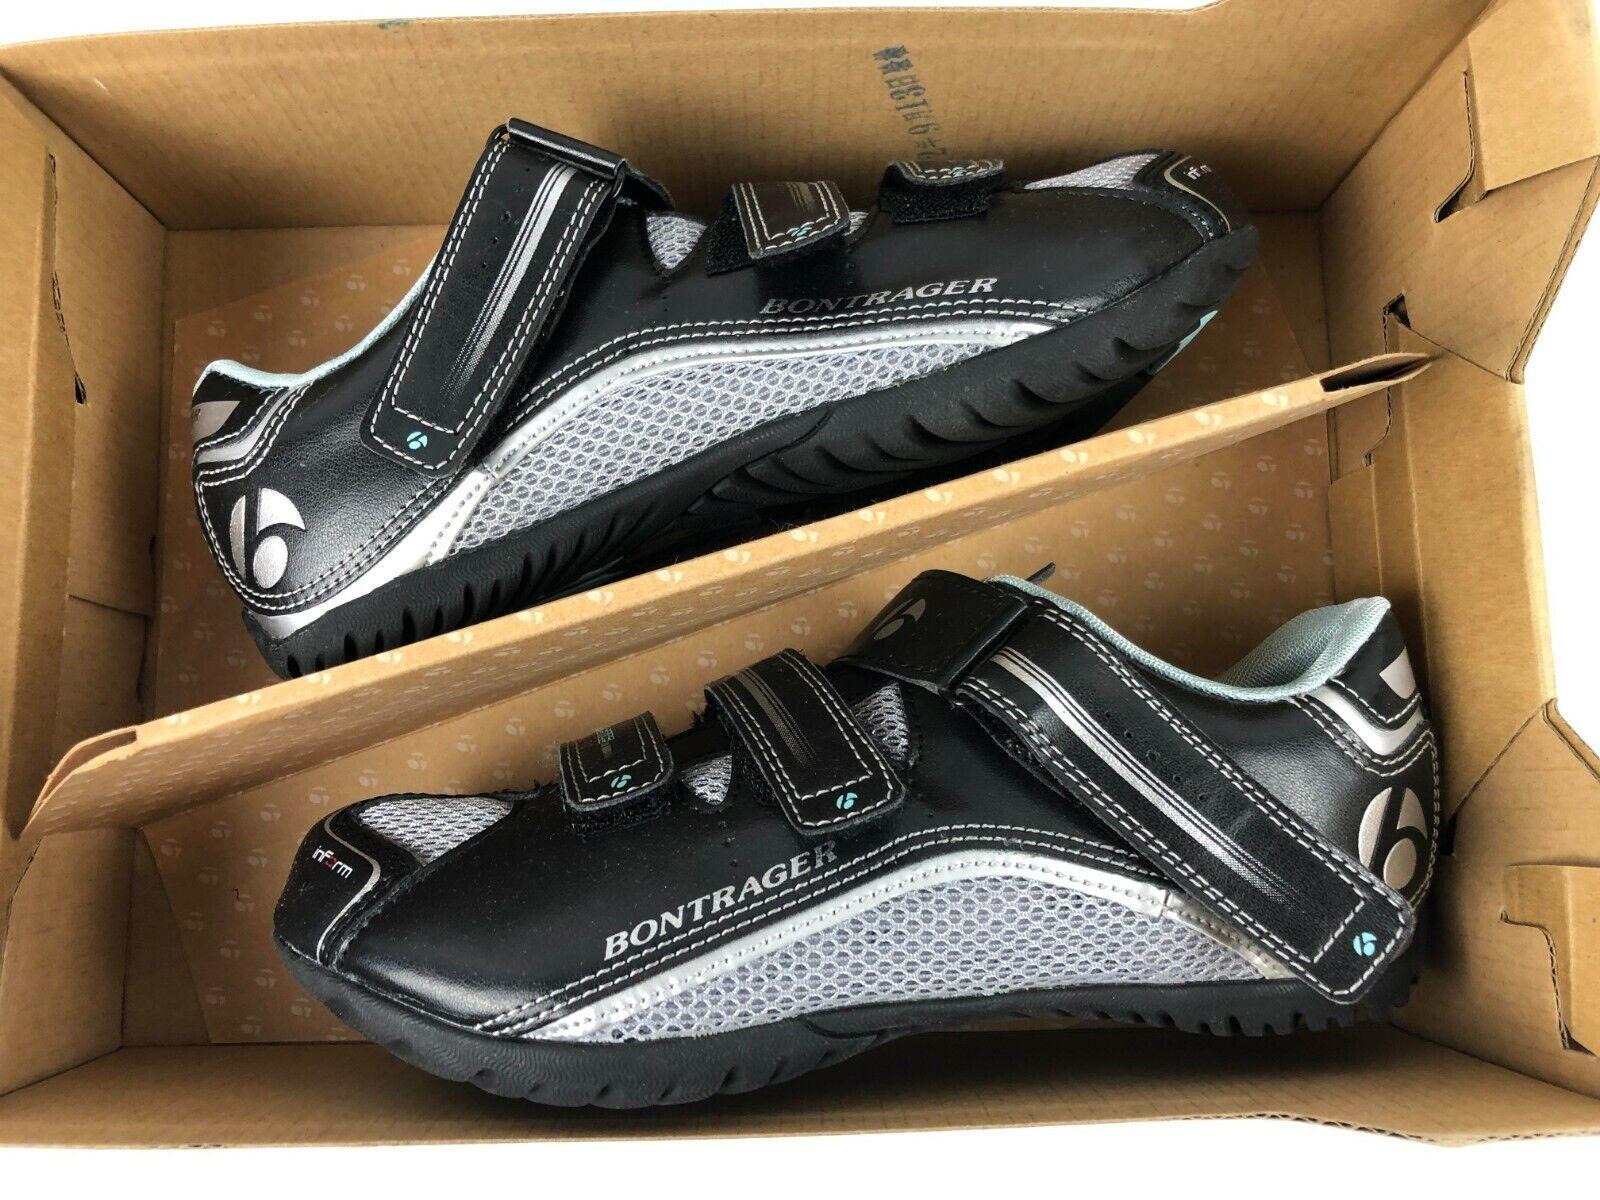 Bontrager Solstice Multisport Wouomo Spin scarpe EU 37 US 5.5 3p